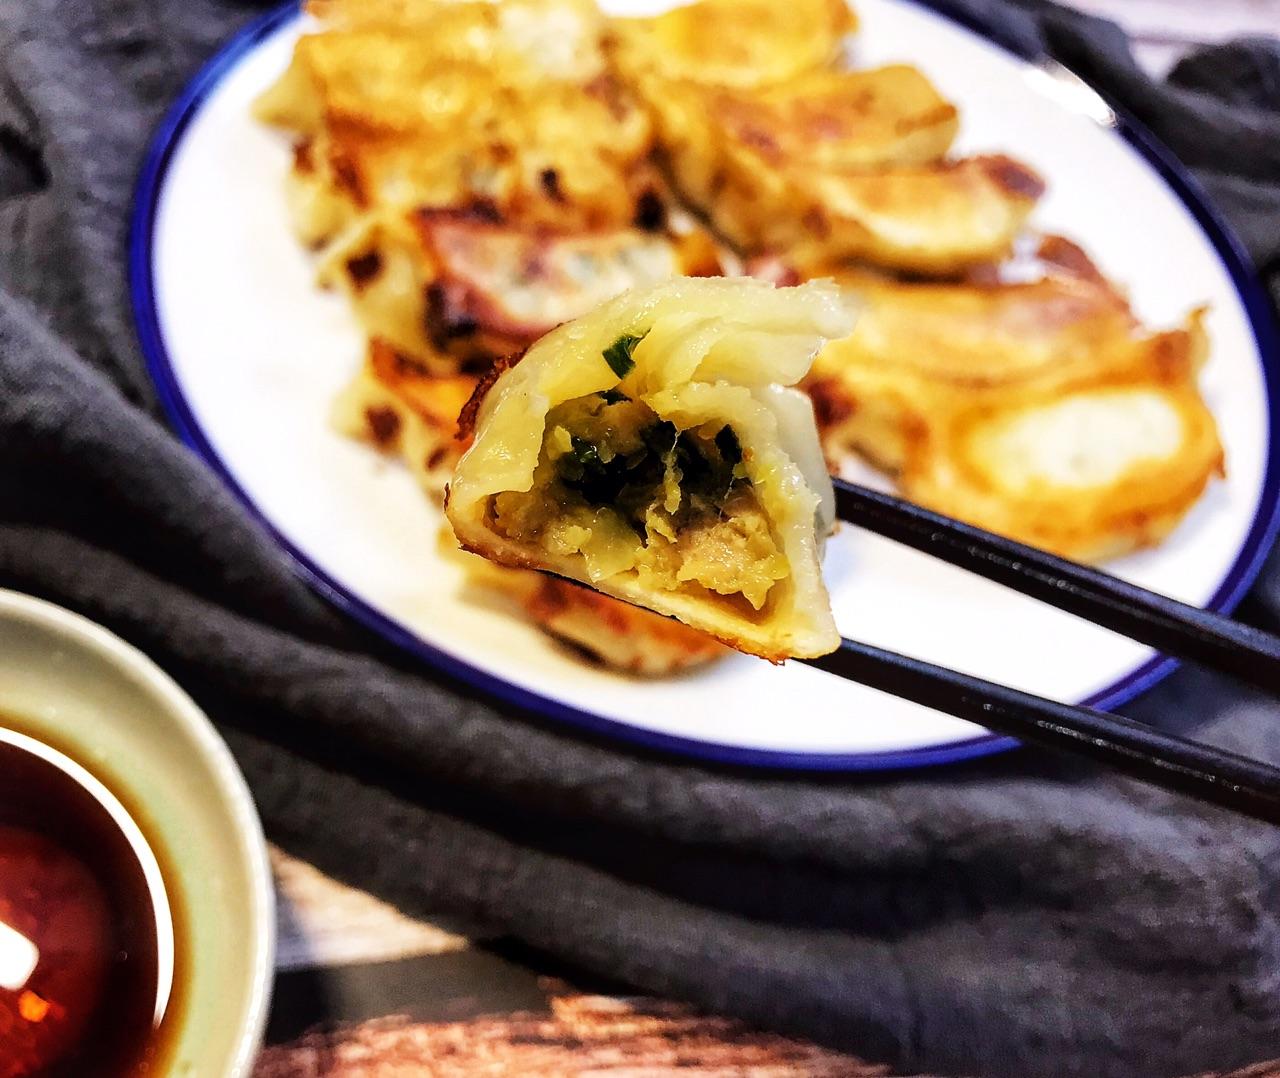 孩子馋嘴想吃煎饺,自己在家做,外脆里嫩,真好吃